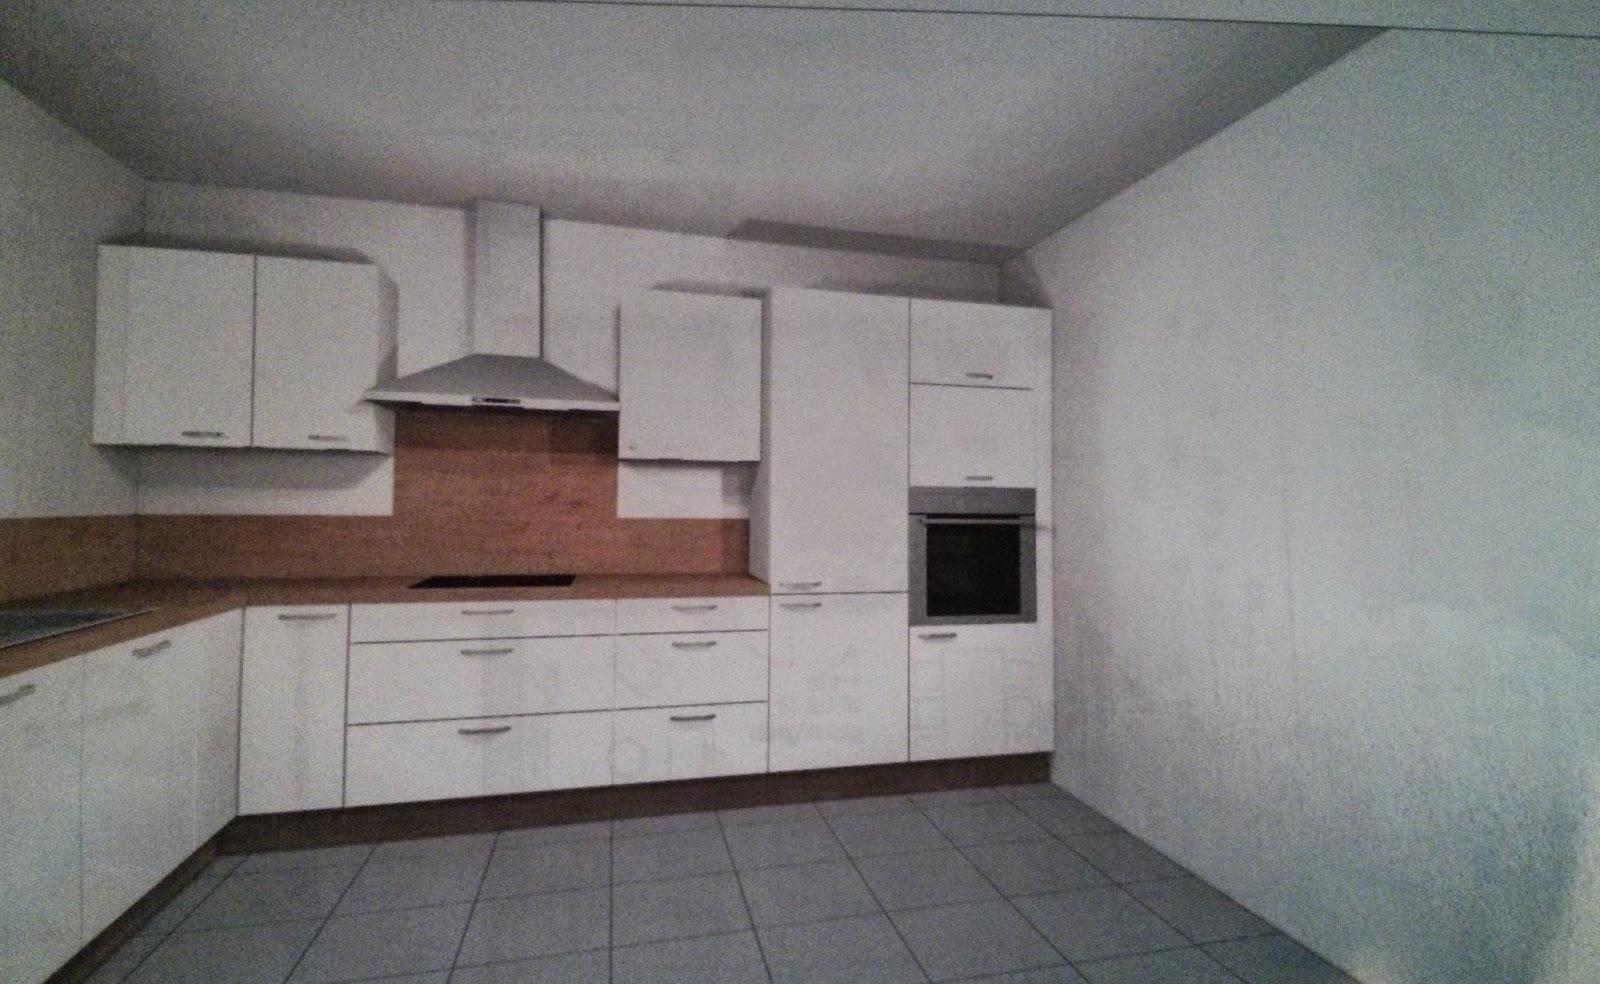 Bautagebuch: Einfamilienhaus in Waltrop (Altenbruch III): Juli 2014